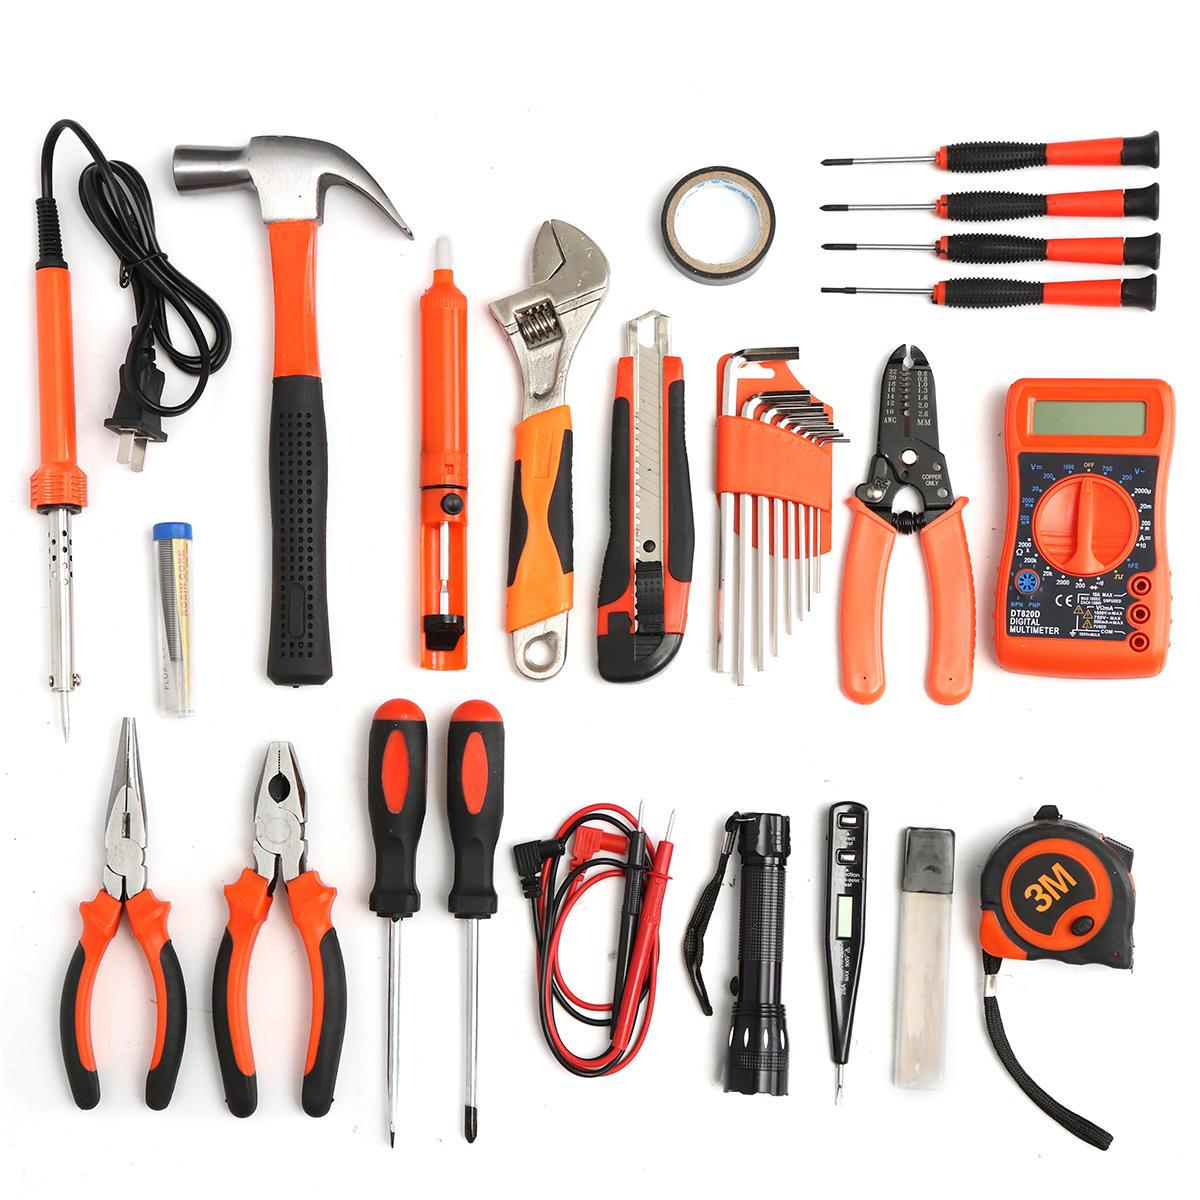 Ручной инструмент: виды и назначение - ремонт и дизайн